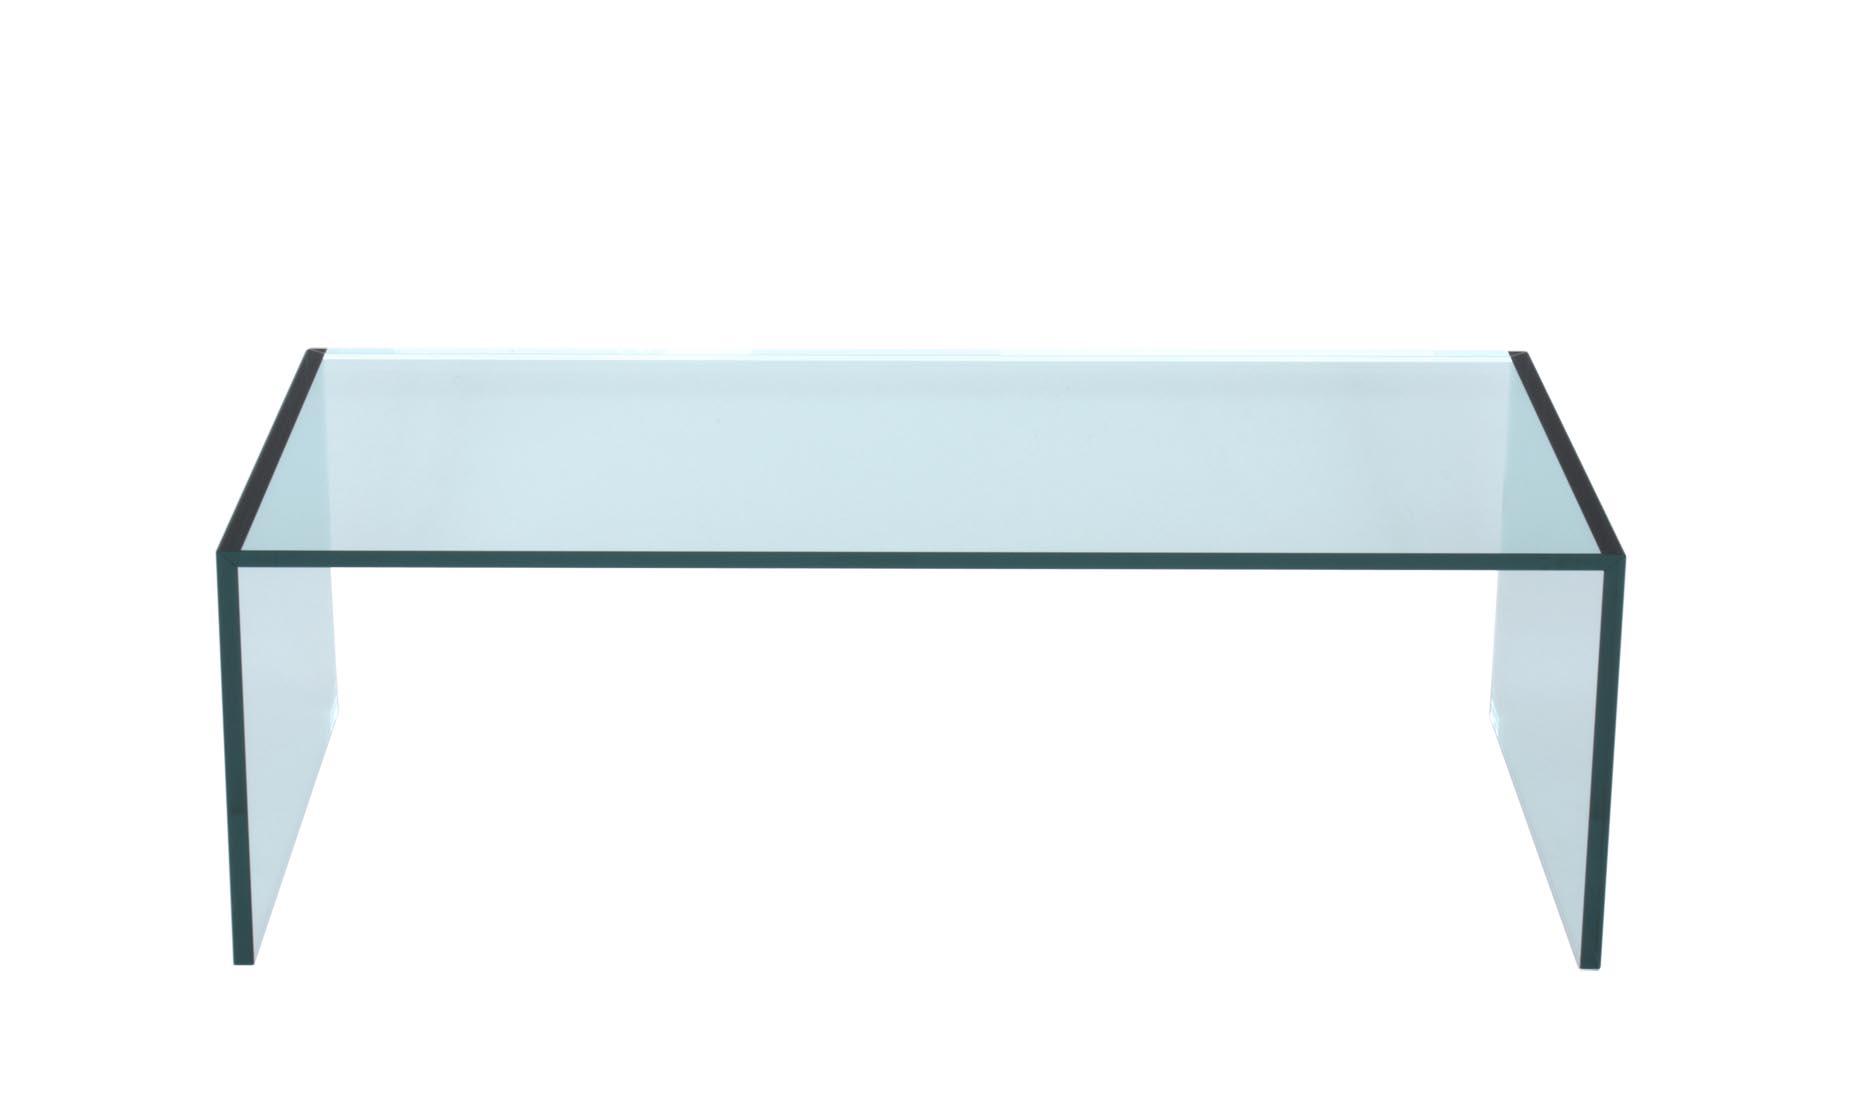 Beeindruckend Couchtisch Rauchglas Ideen Von Design - Couchtische - Nurglas, Glastische -